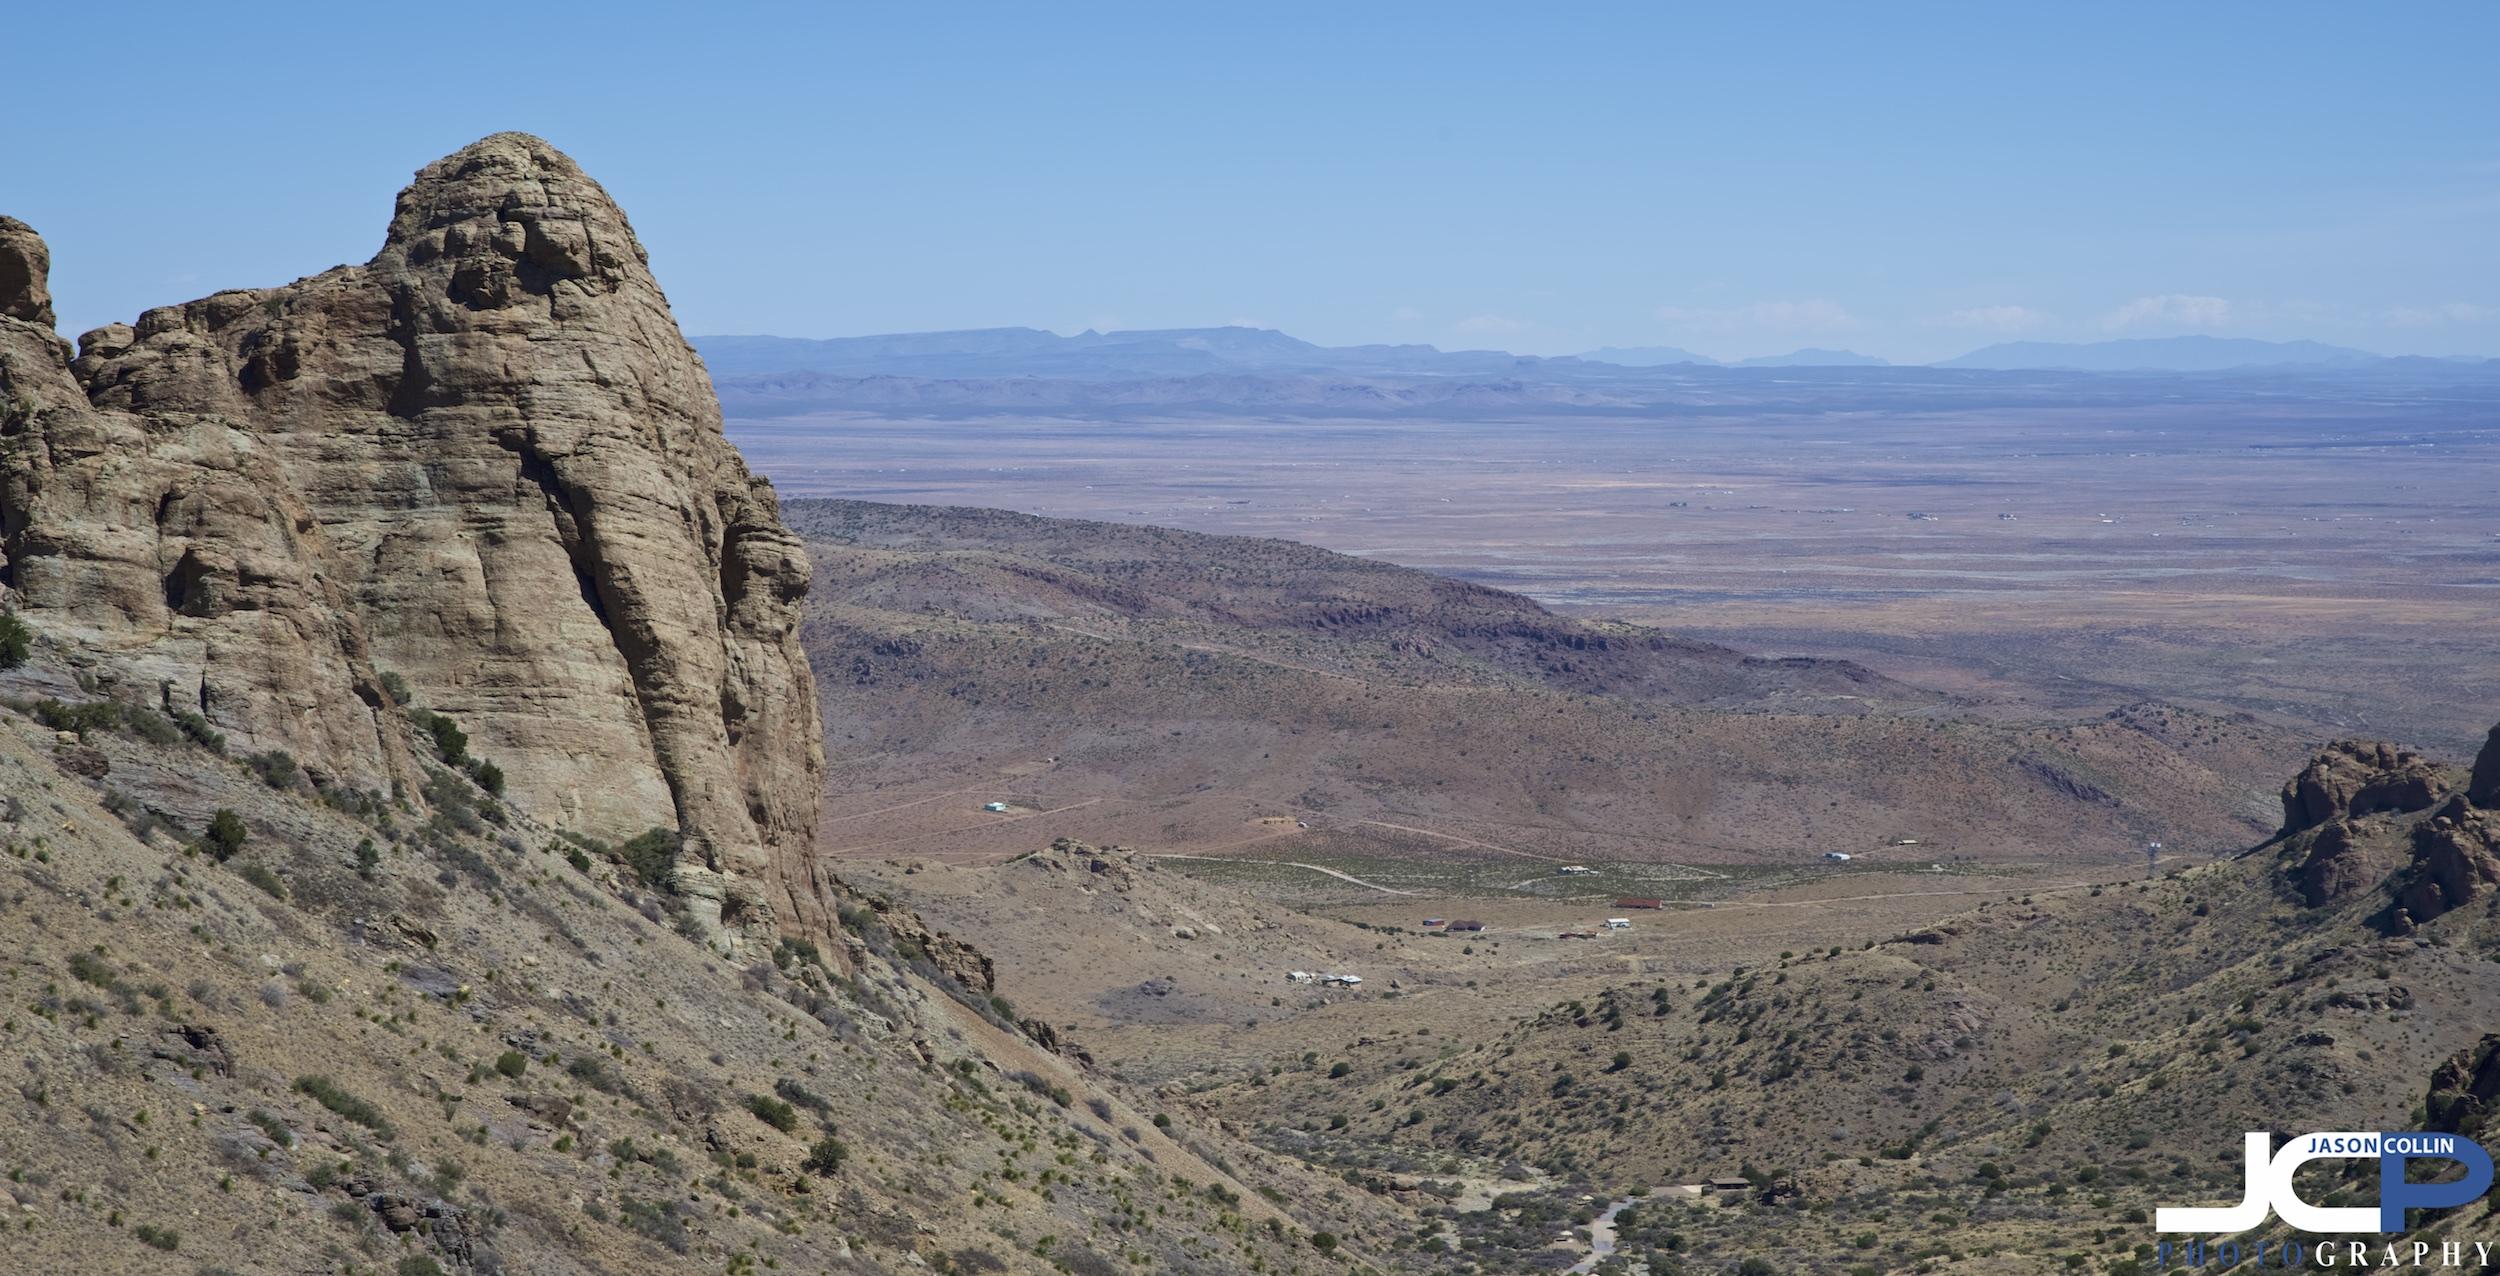 spring-canyon-3-22-2019-nm-123295.jpg